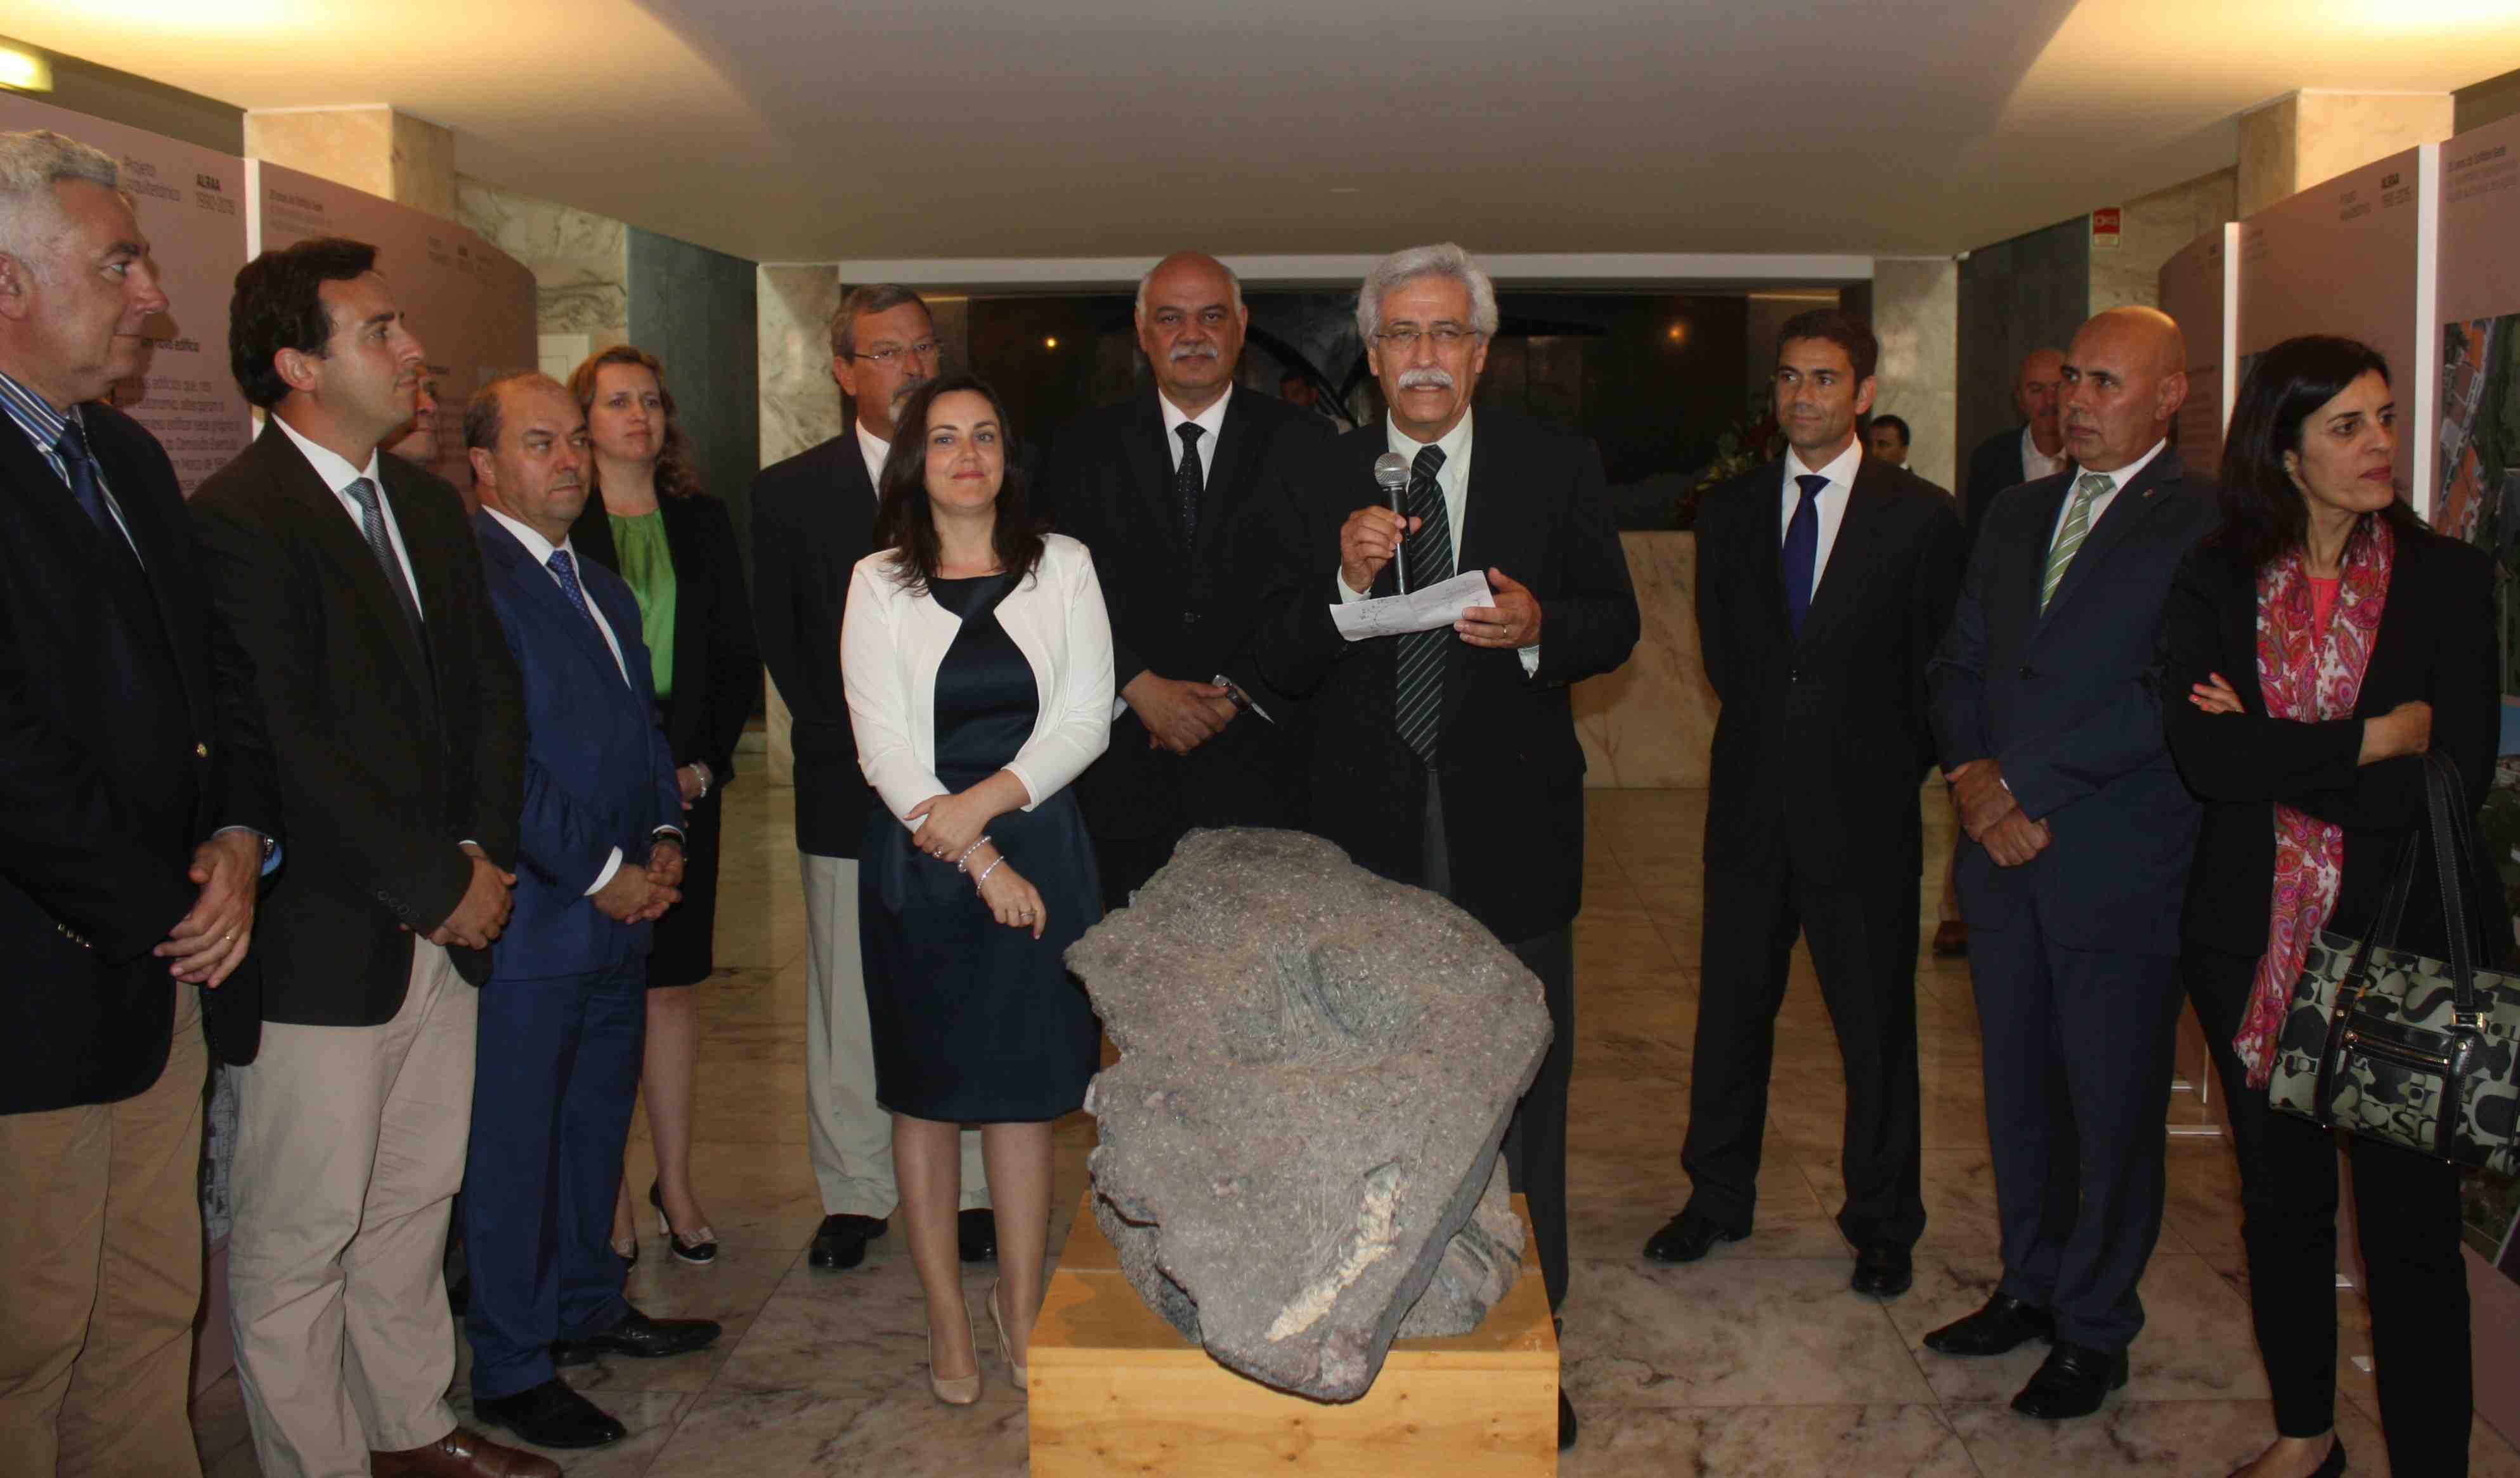 Presidente da ALRAA preside à sessão evocativa dos 25 anos da inauguração do Parlamento açoriano